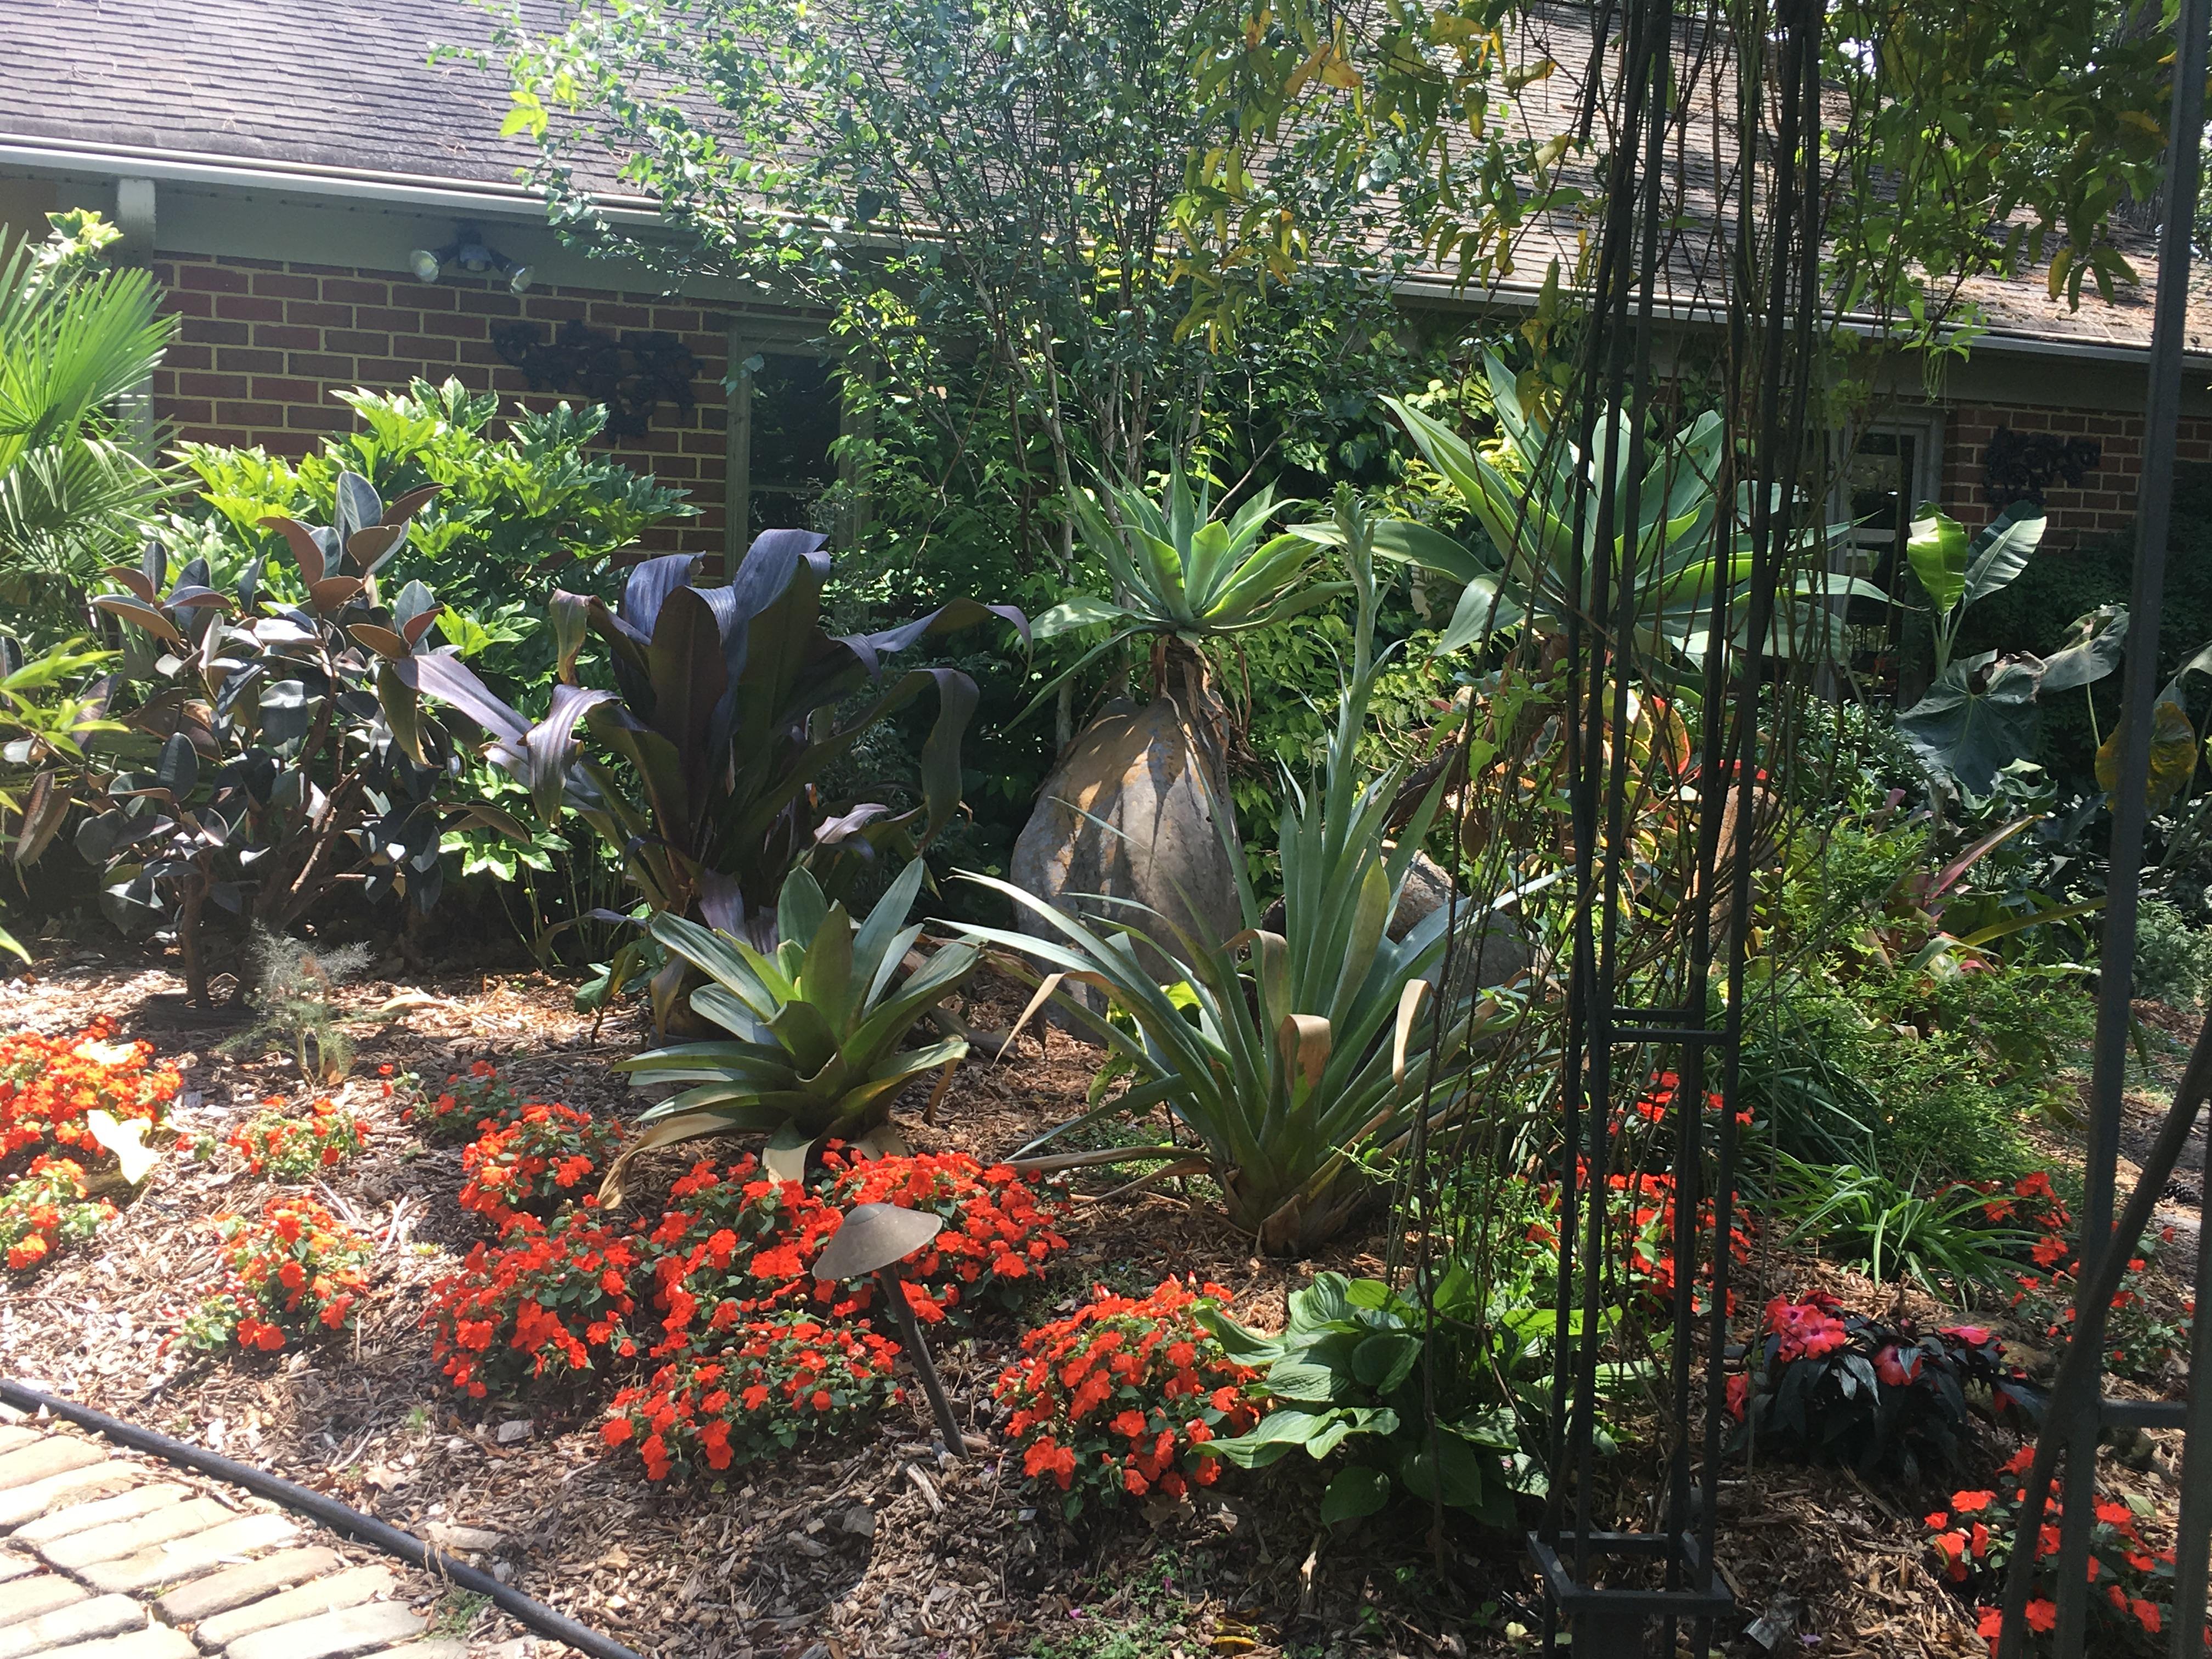 Landscaped flower bed